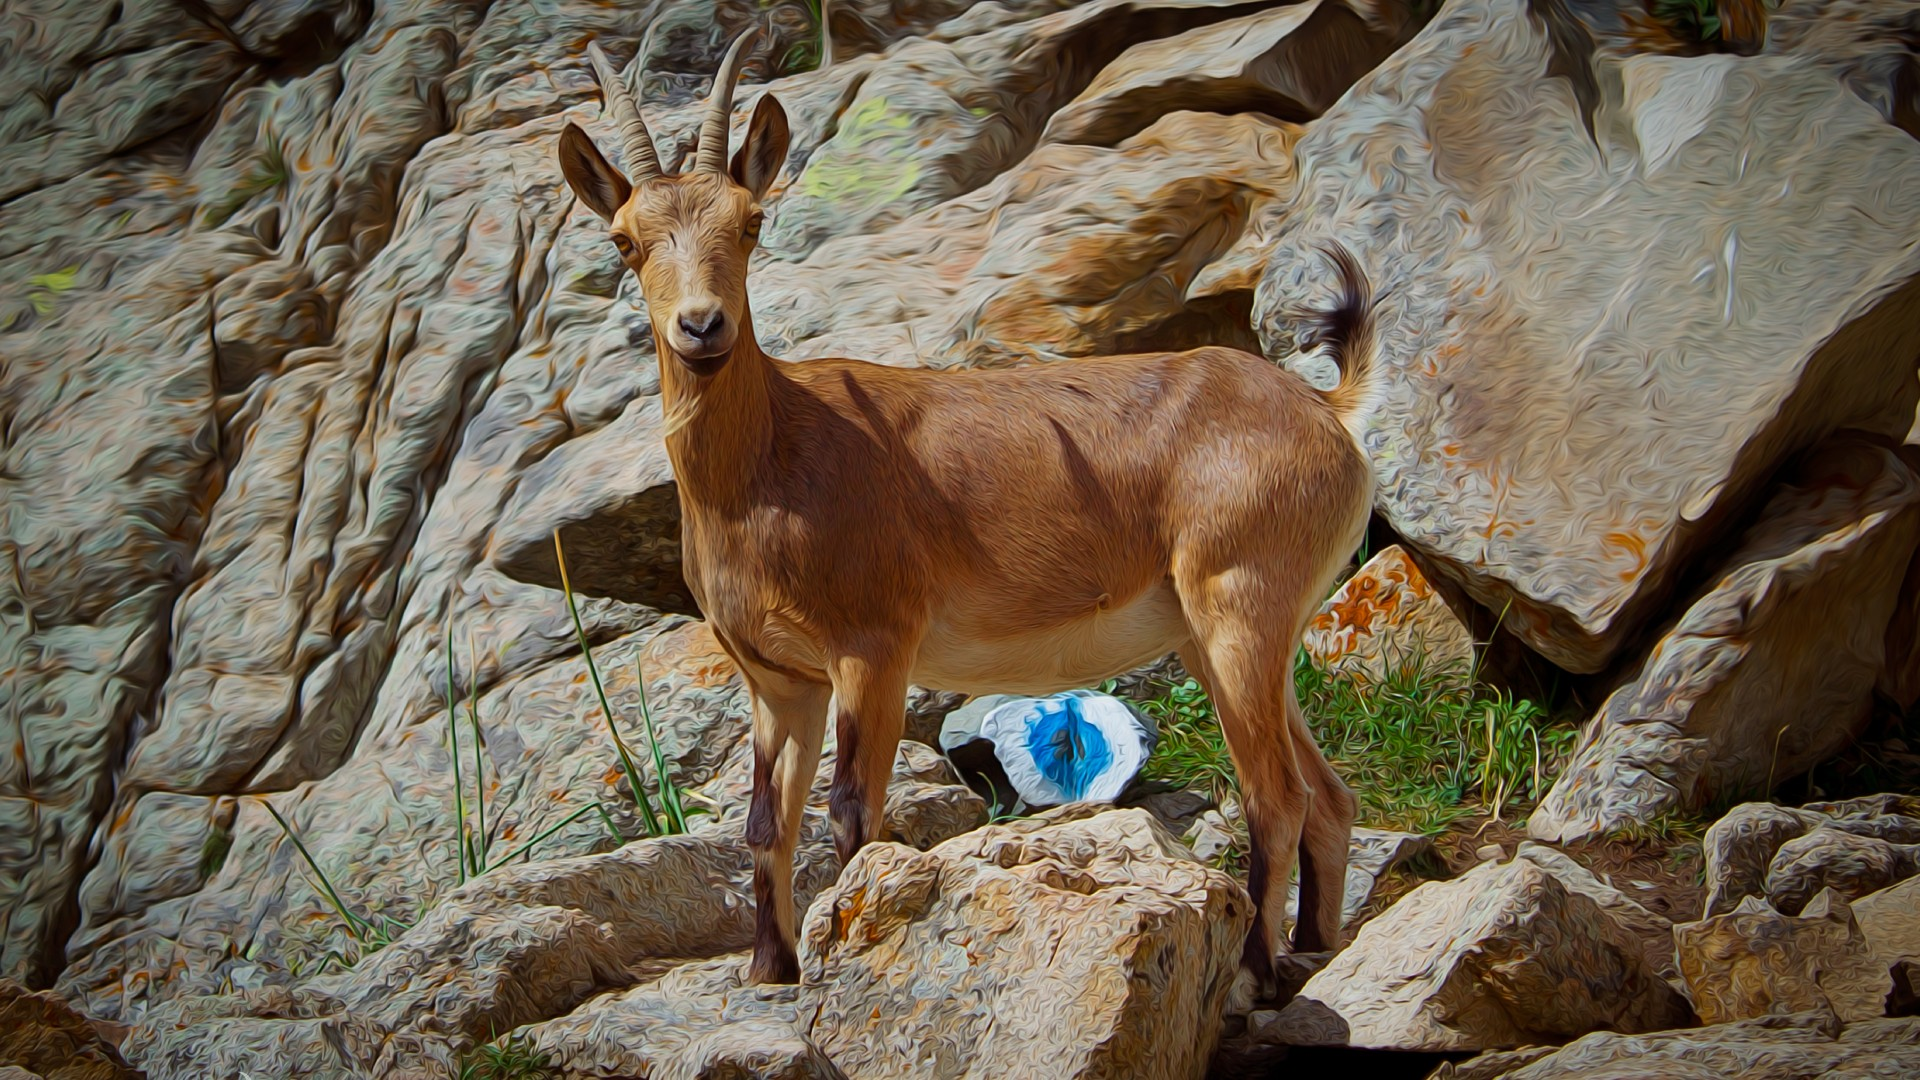 Wallpaper Goat Mountain Goat Nature Mountain Cliffs